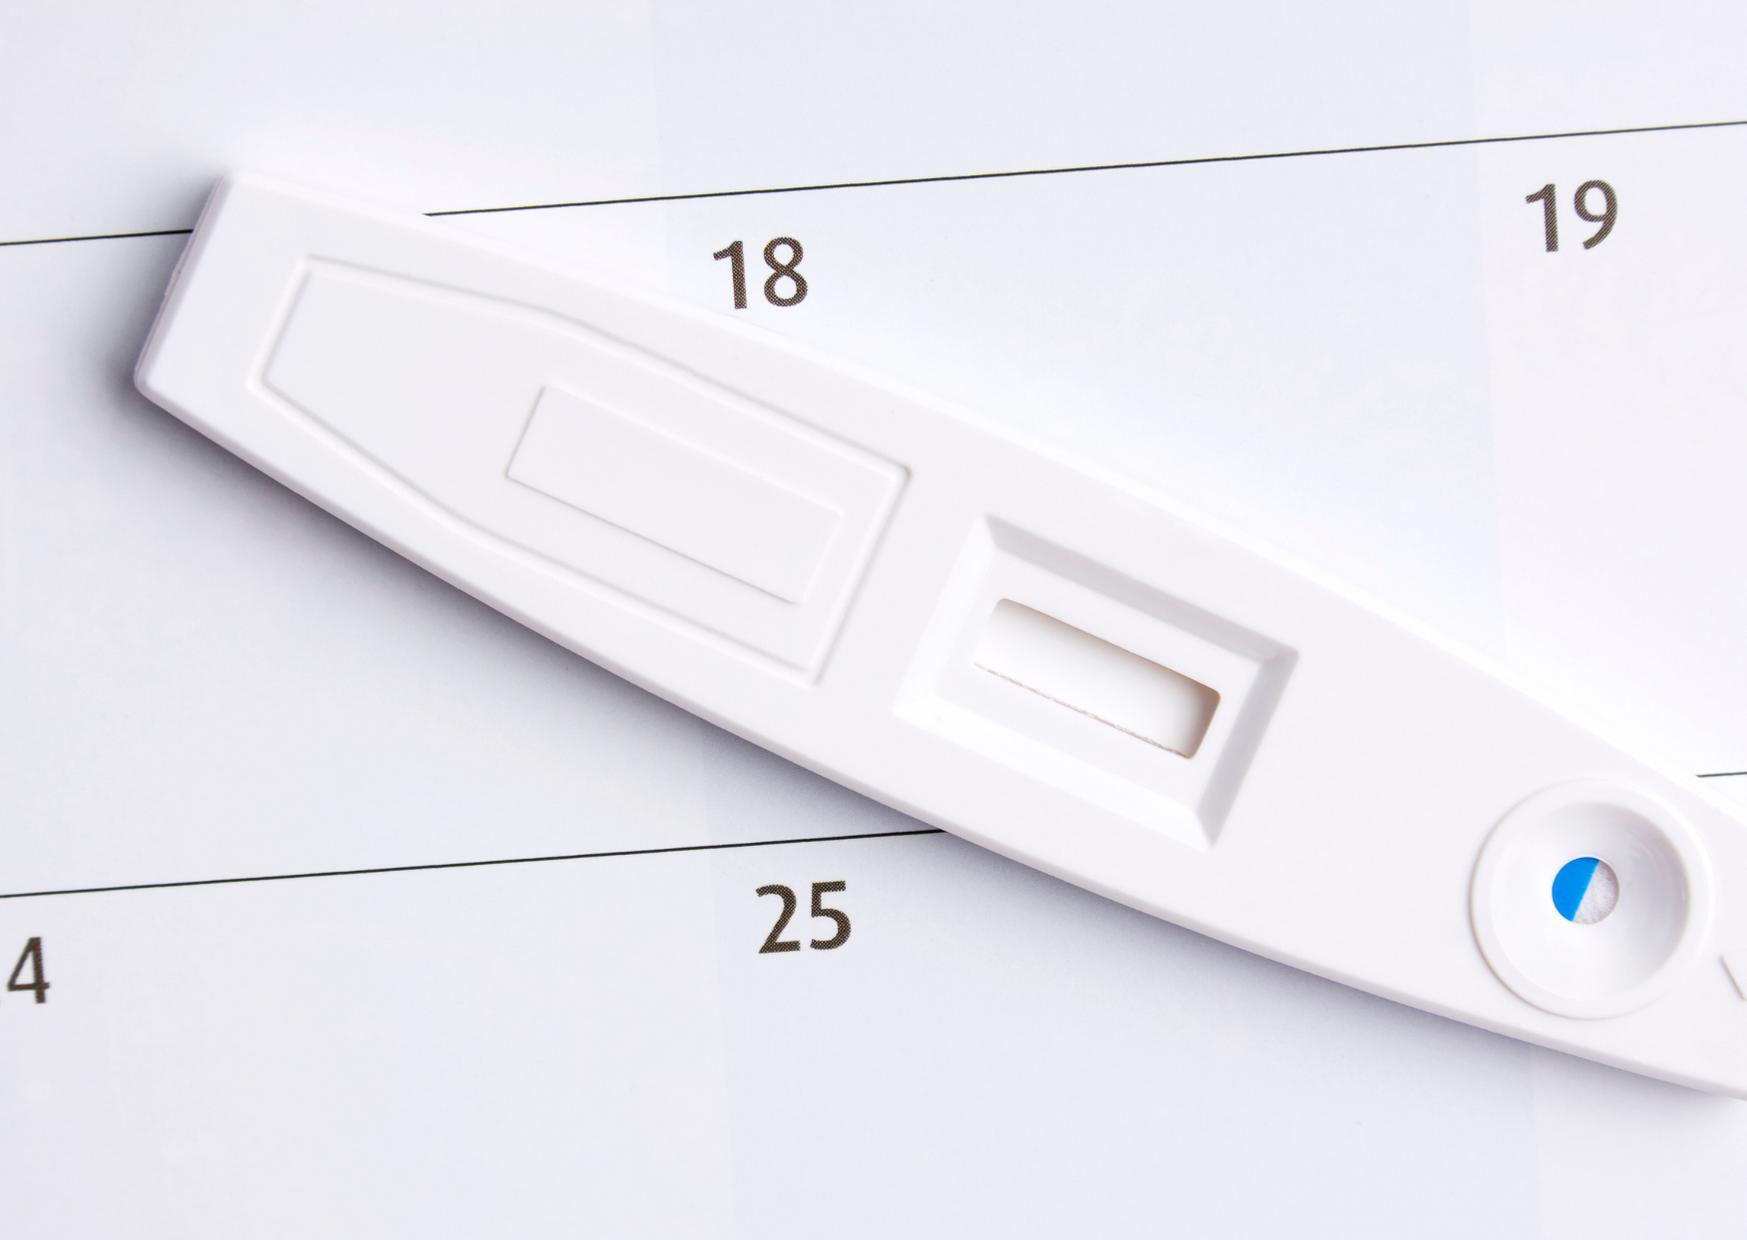 kazetový těhotenský test